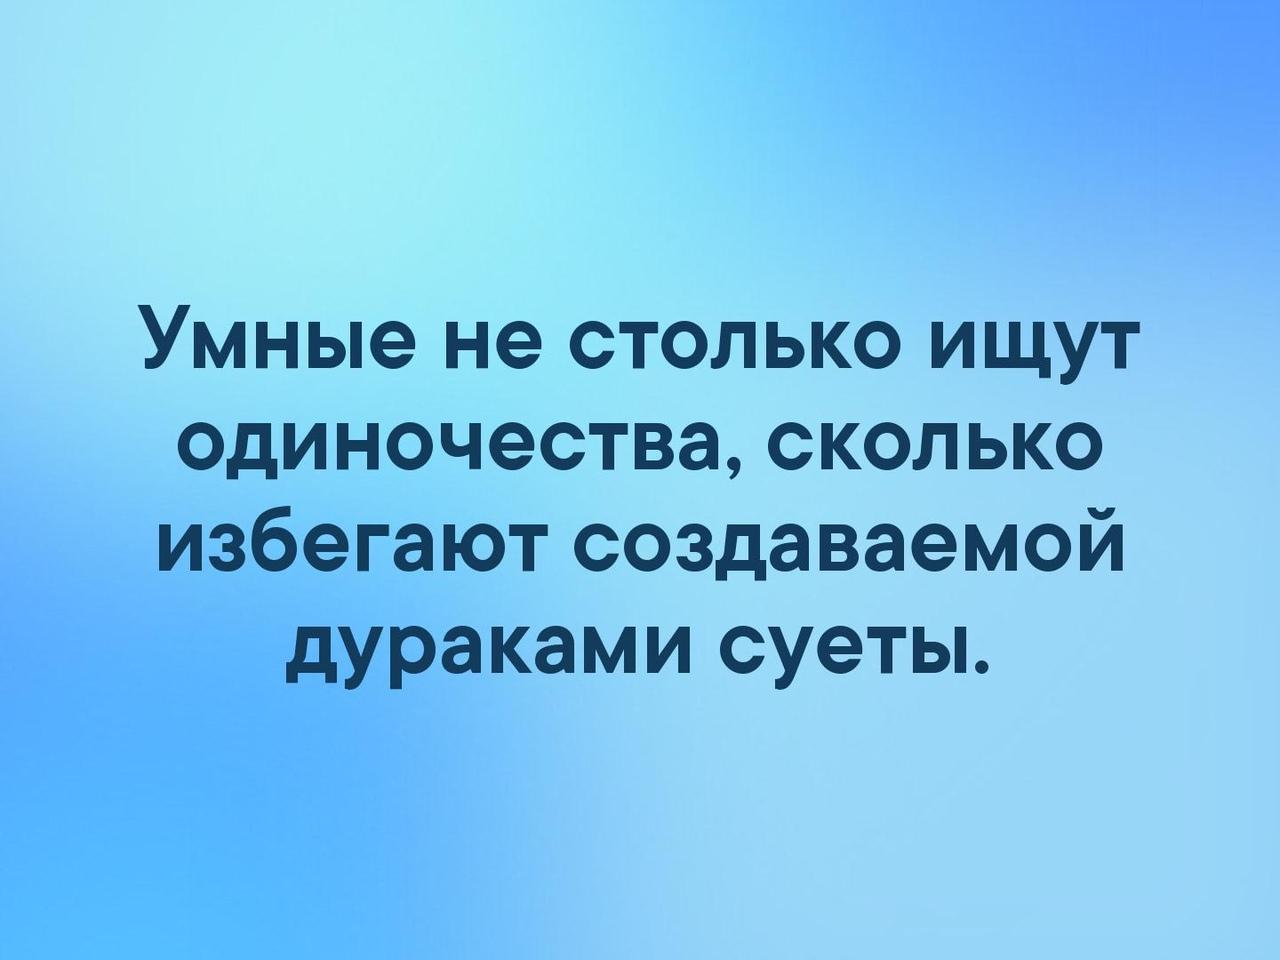 Картинки со смыслом) VxTLYLaJVpk